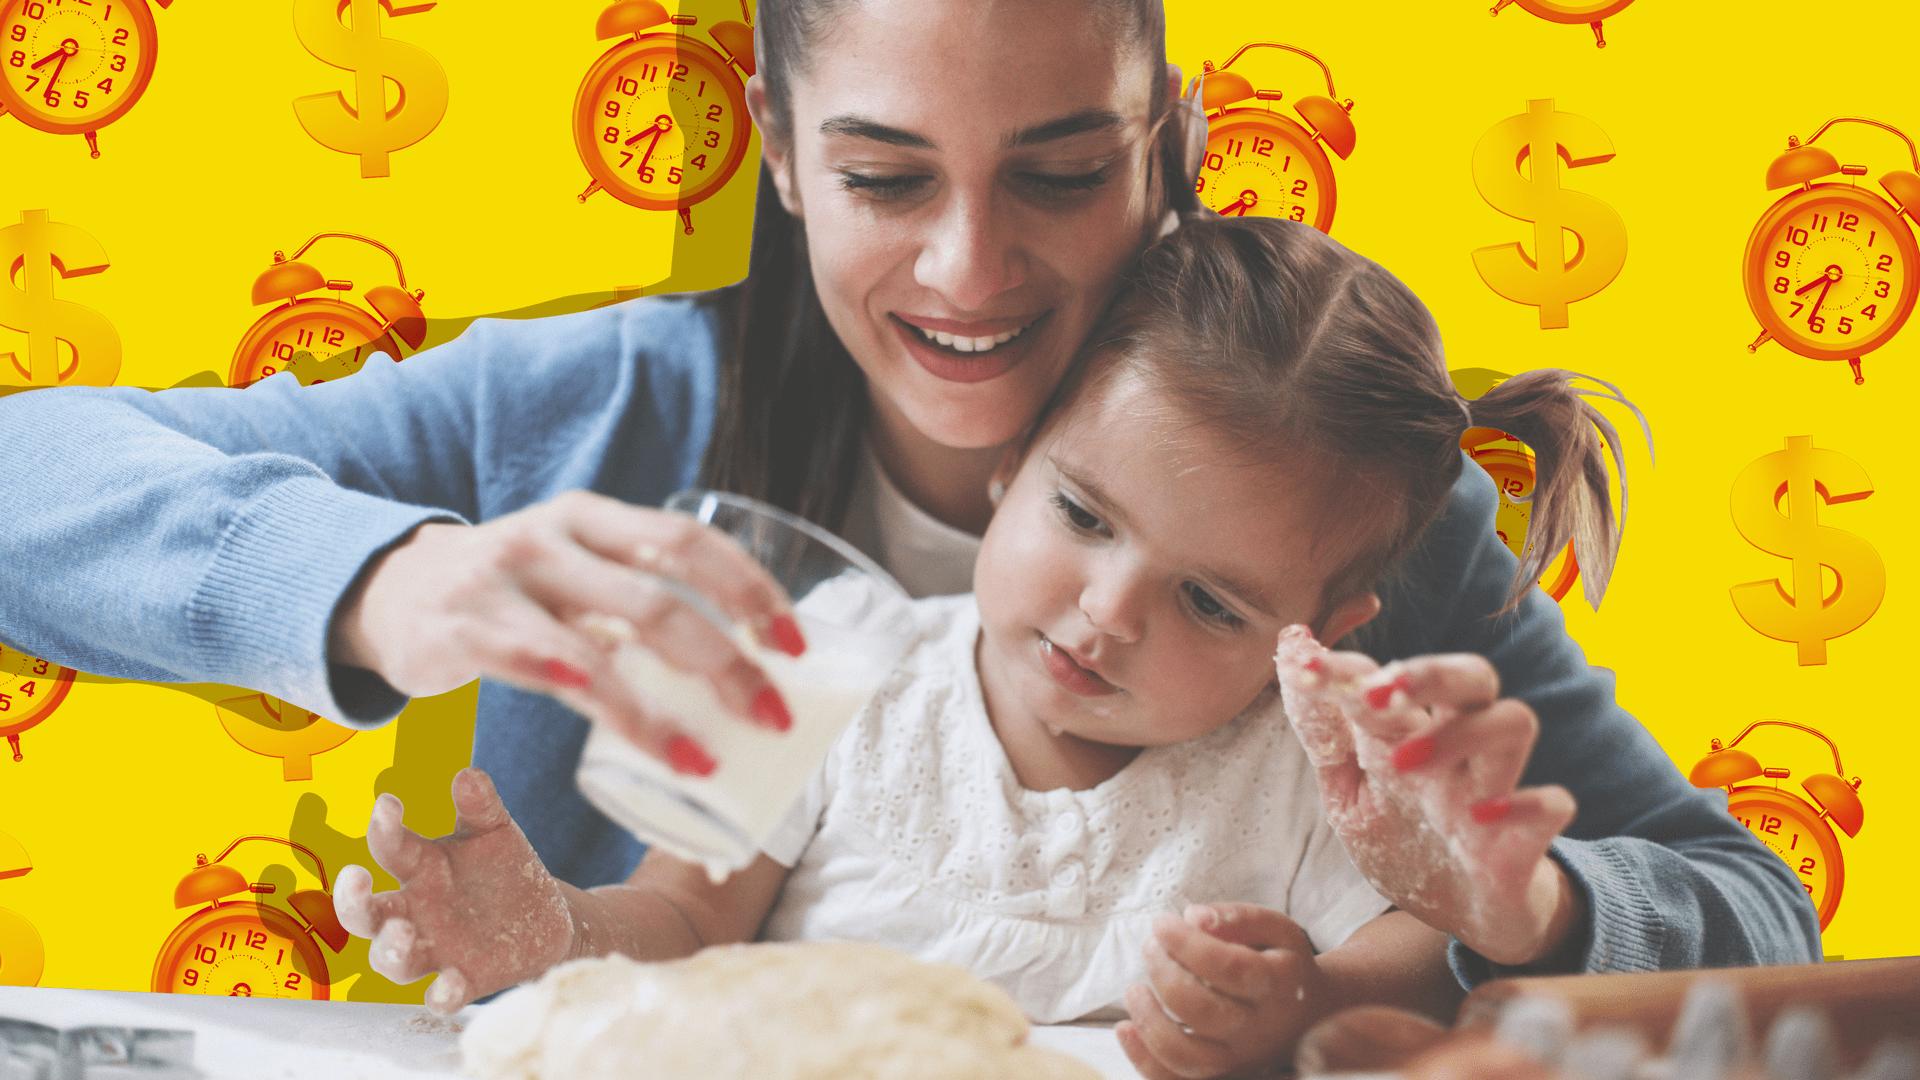 Babysitter feeds baby girl